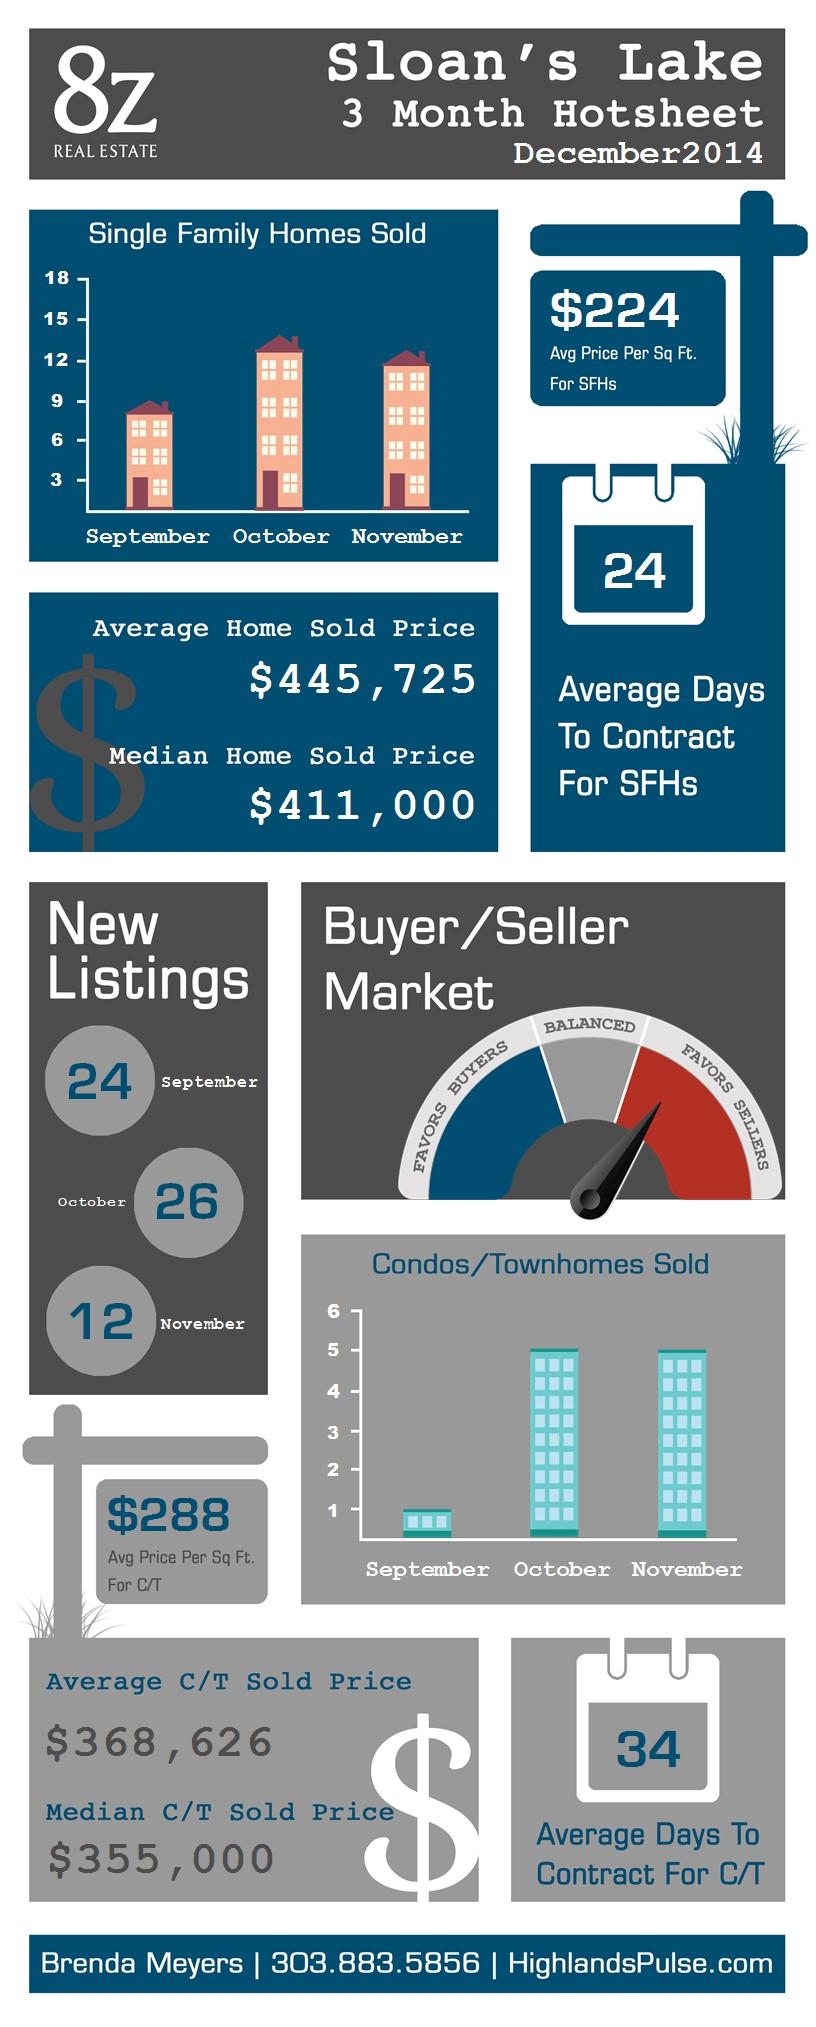 Sloans Lake - Denver, real estate infographic